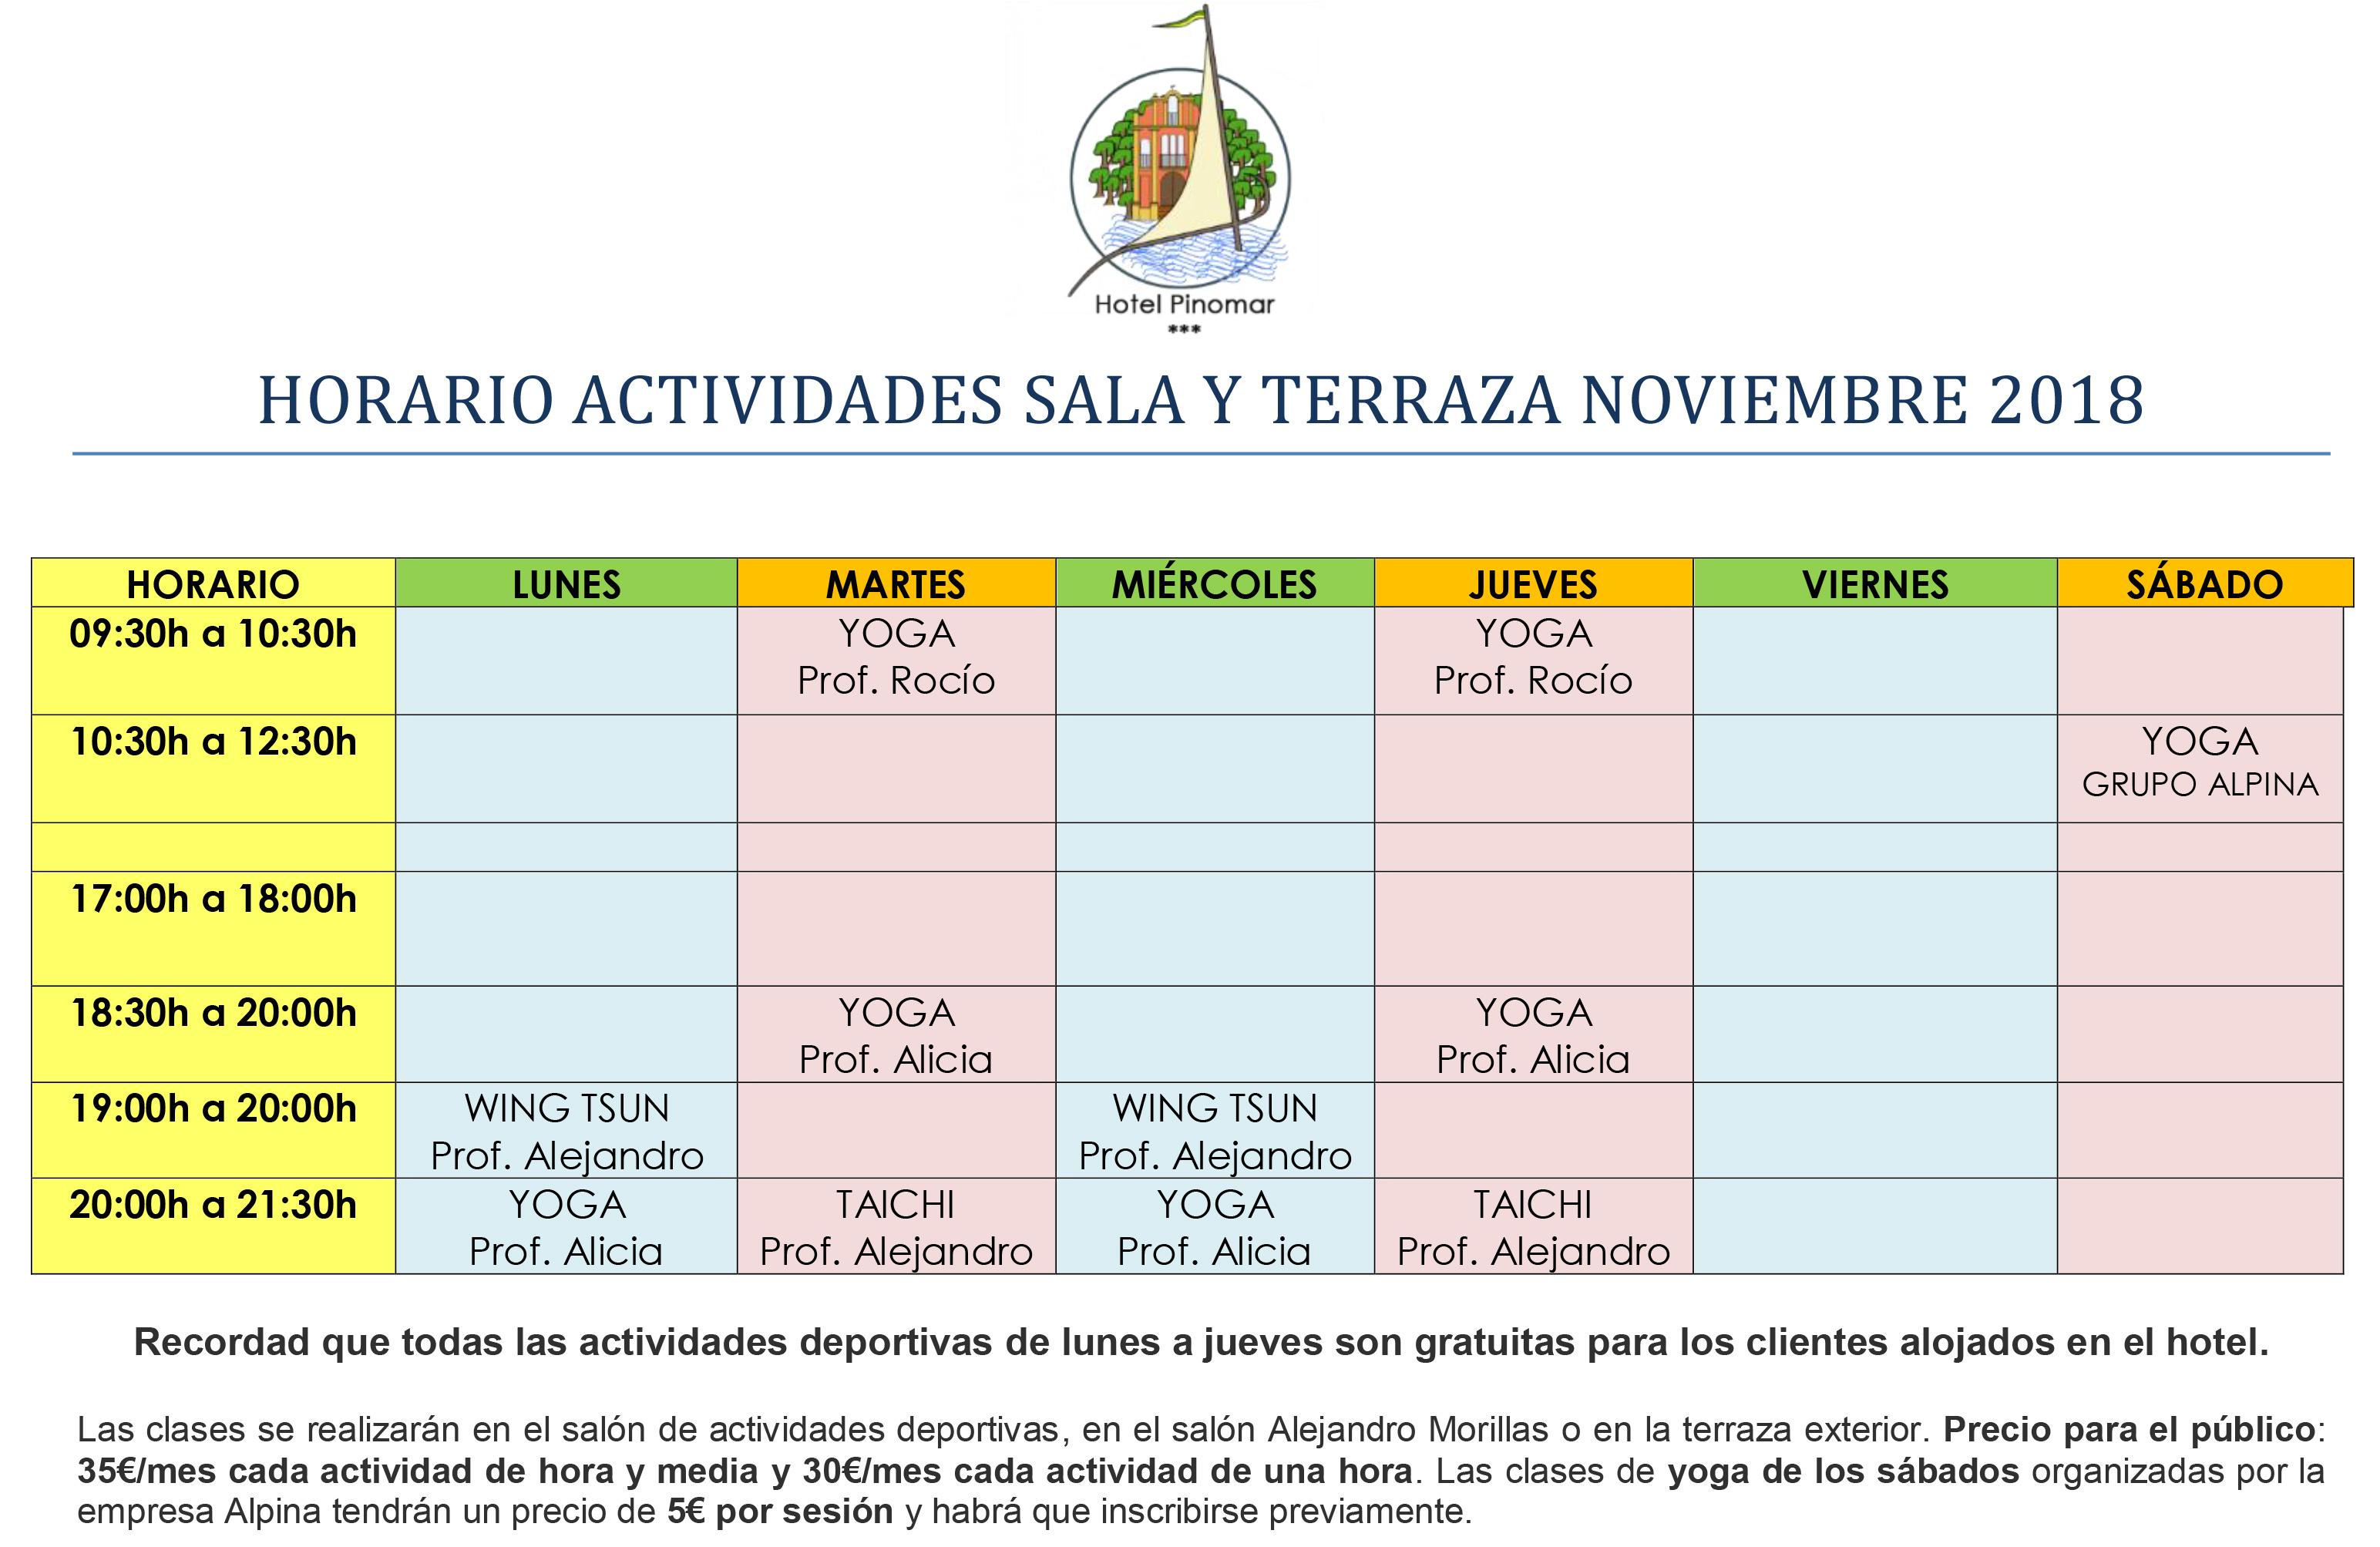 HORARIO ACTIVIDADES DIRIGIDAS NOVIEMBRE 2018